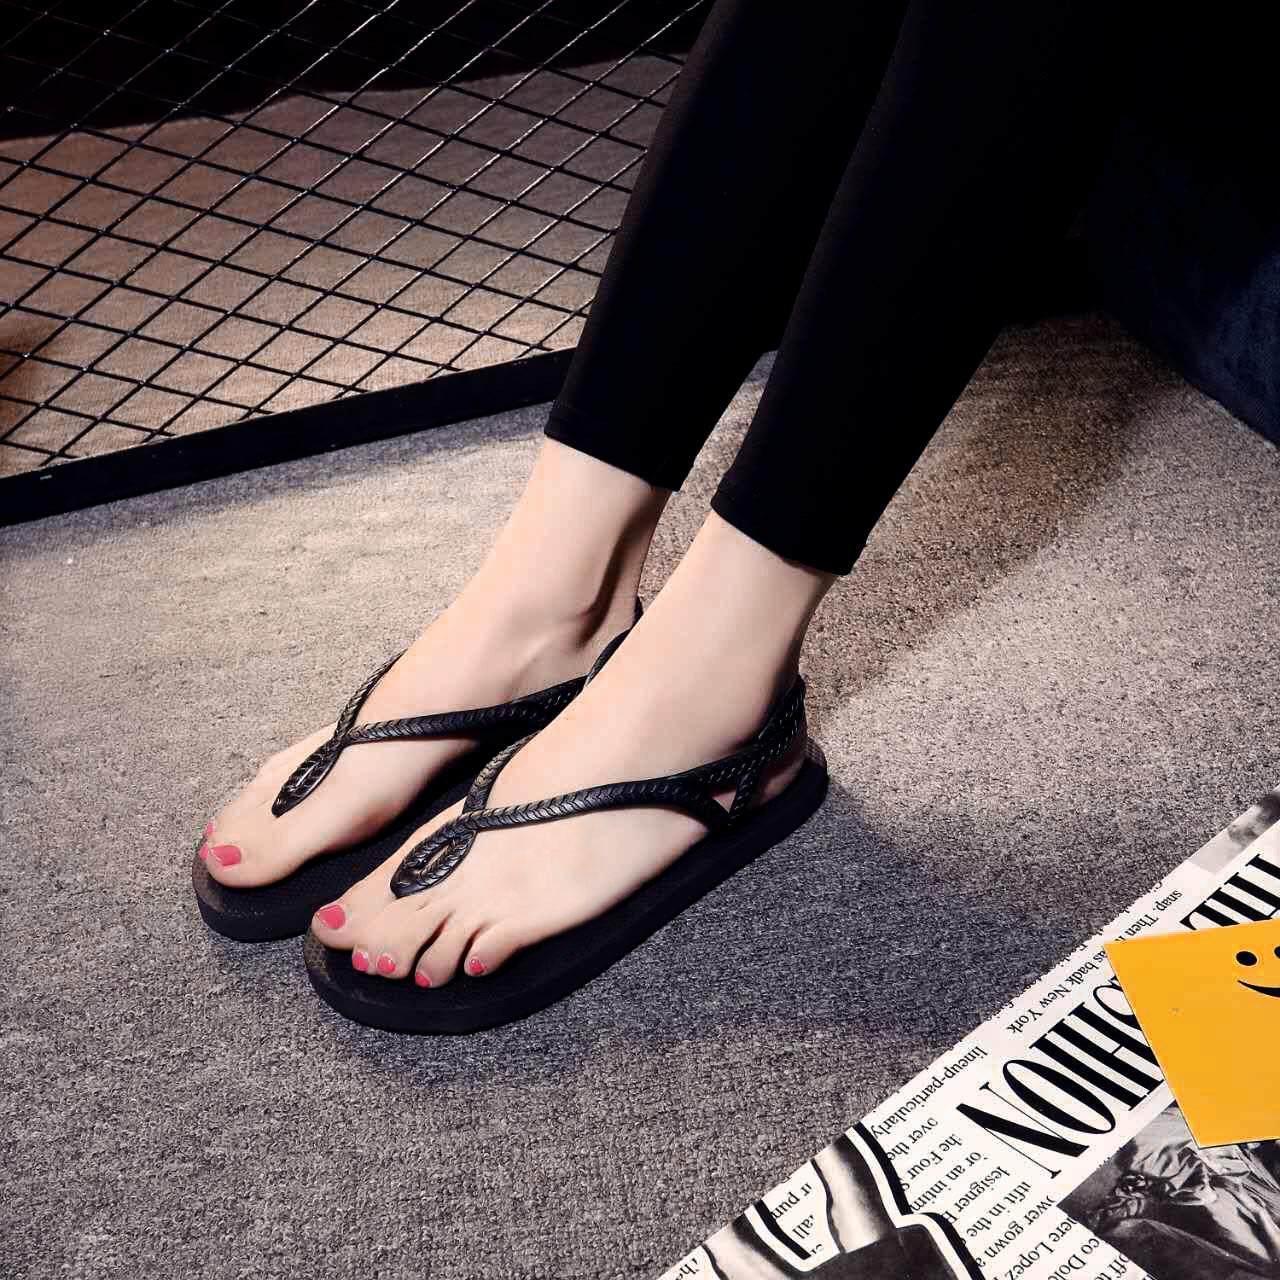 RHS Online Wanita Perempuan Datar Sepatu Sandal Musim Panas Pantai Non-slip Lipat Sandal Lipat Flops-Internasional